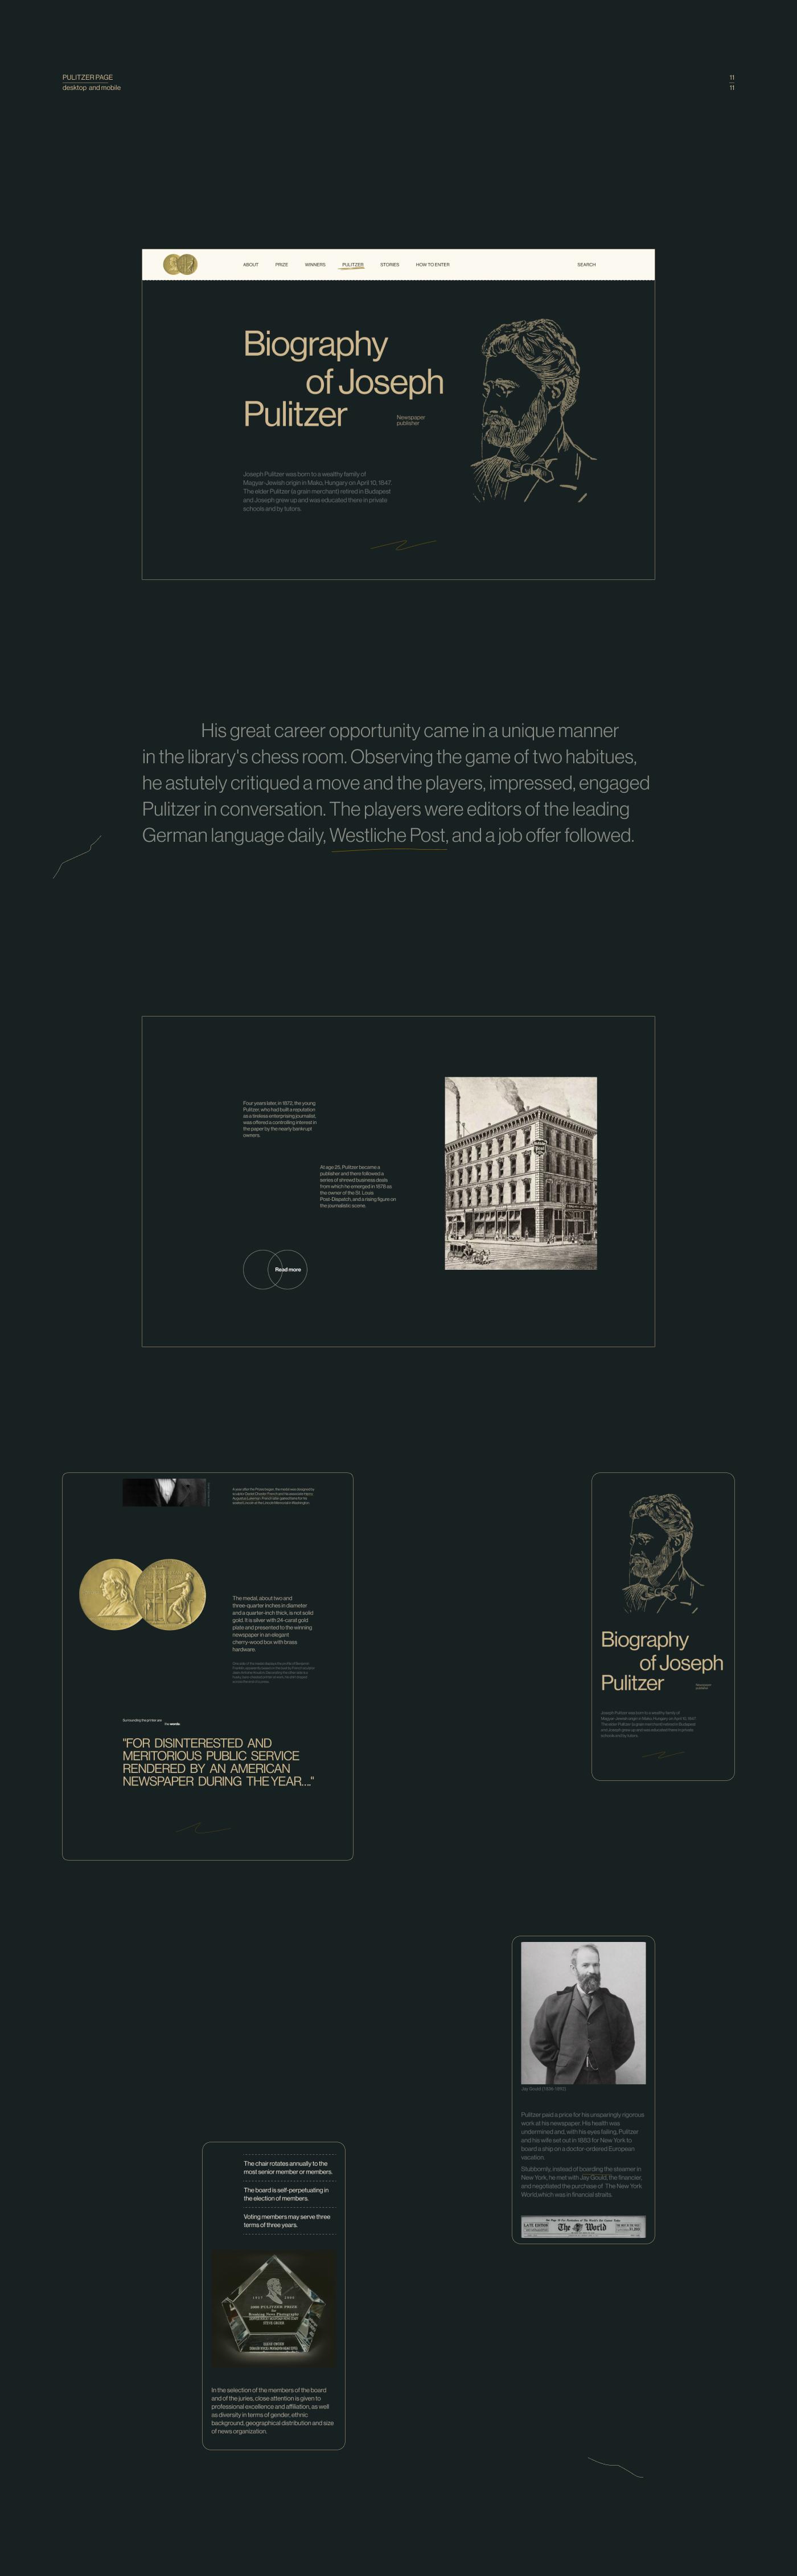 Дизайн сайта премии